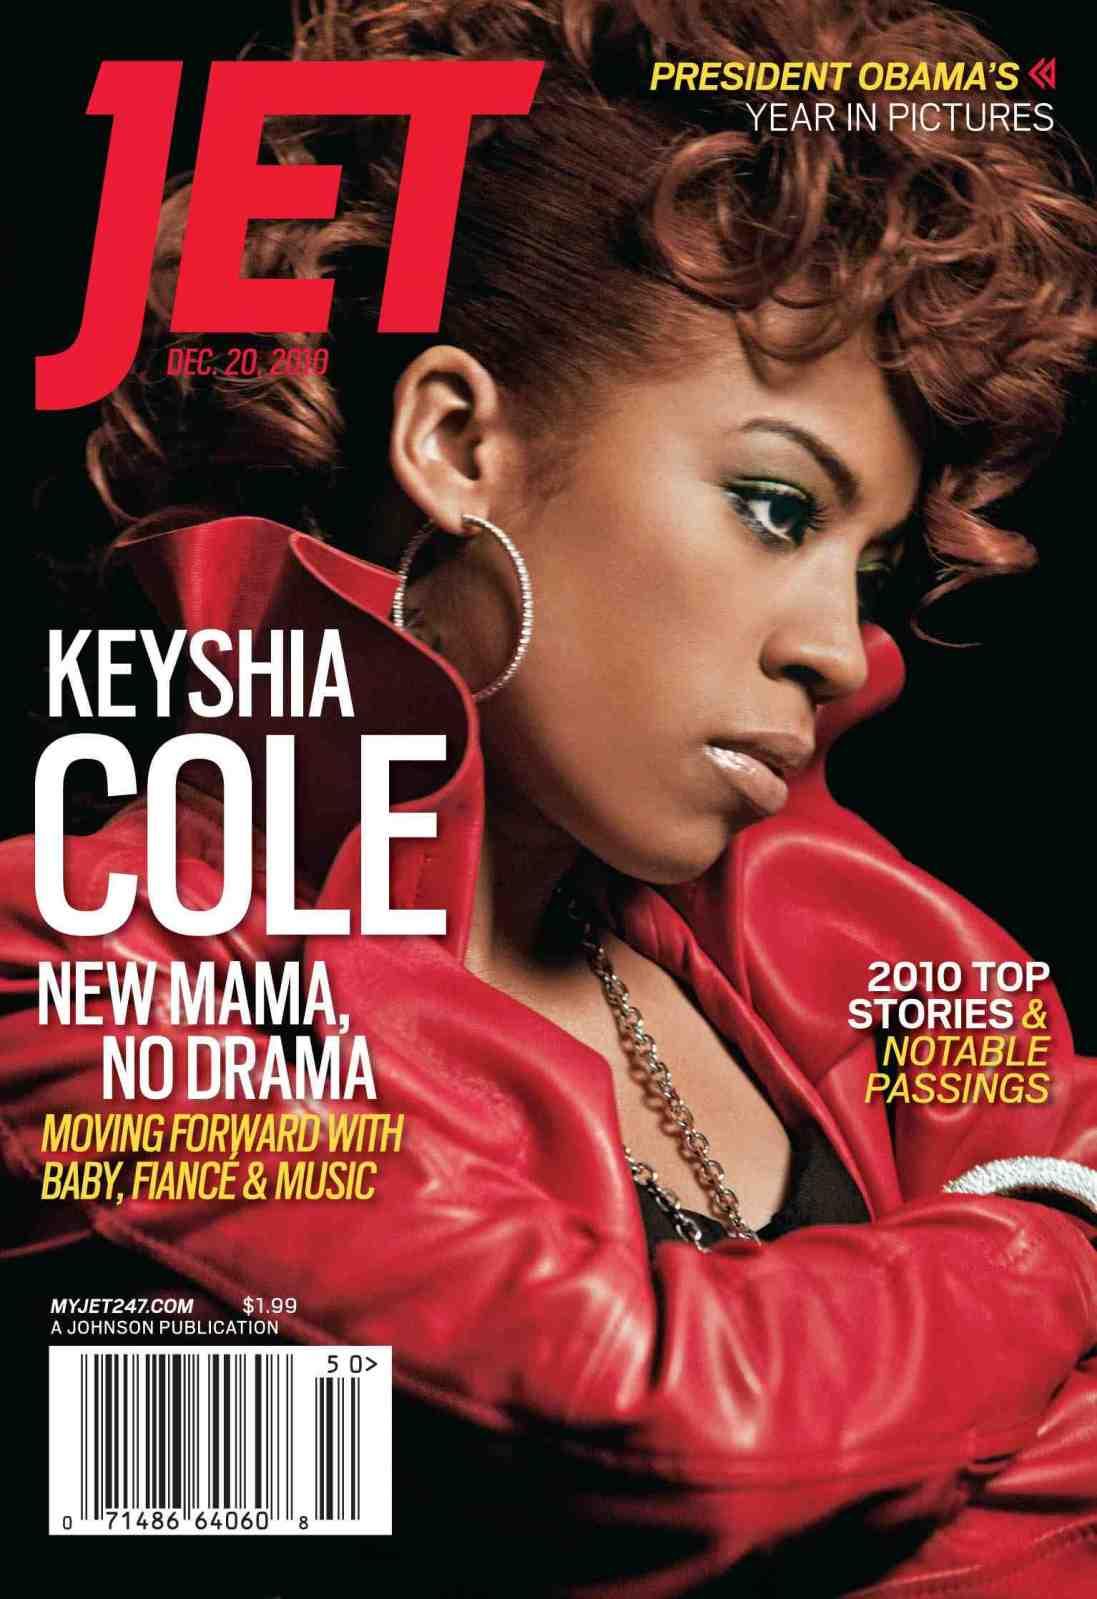 http://3.bp.blogspot.com/_YjmLlfDSsv4/TQgQN4NJrdI/AAAAAAAALms/x-gGsqWNISQ/s1600/JET_Keyshia-low.jpg